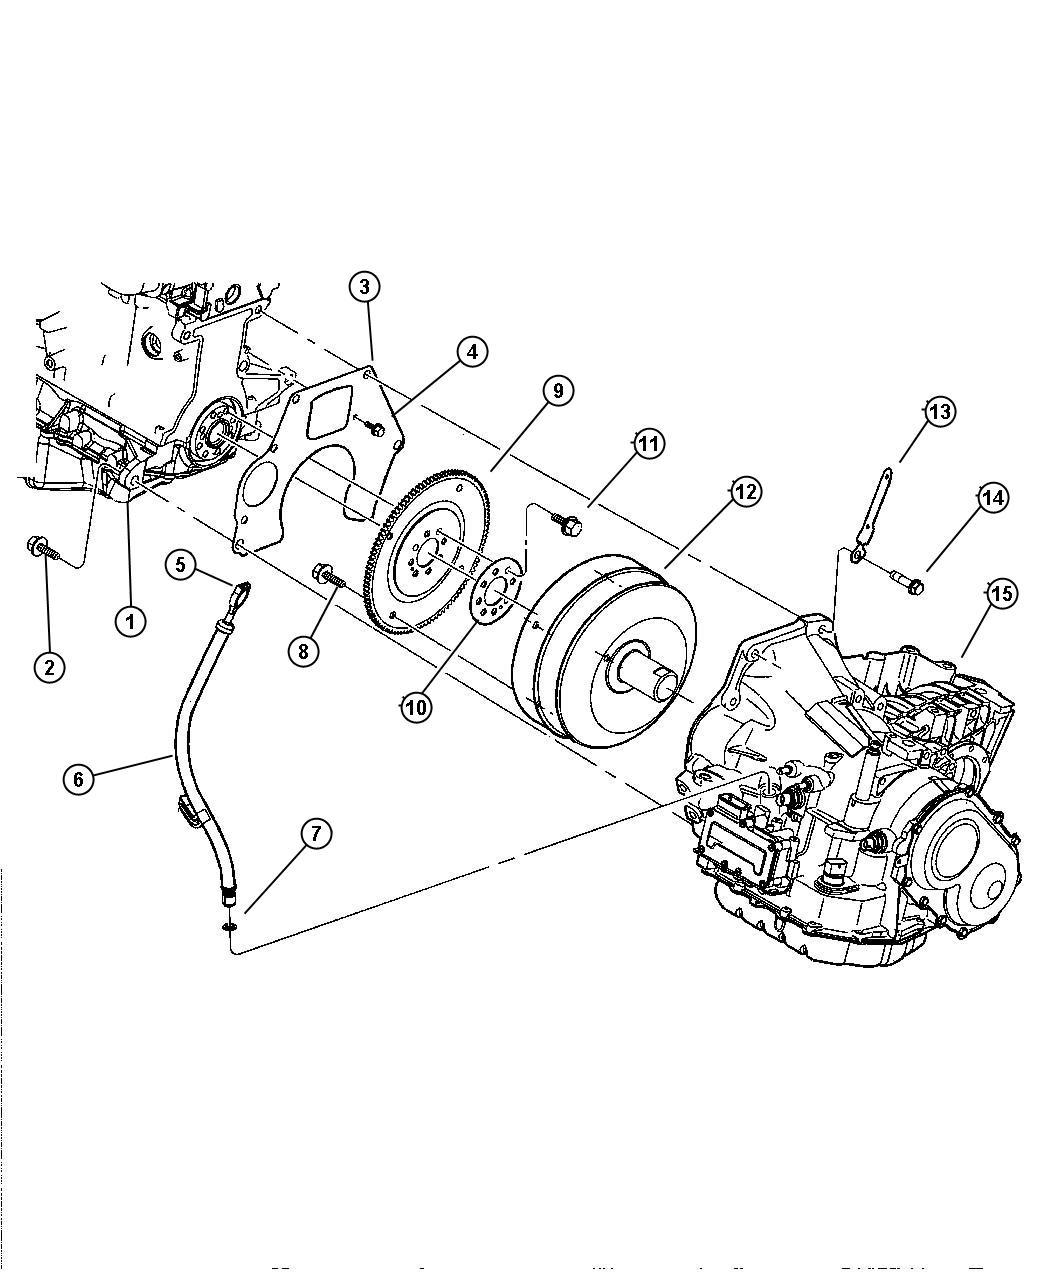 Chrysler PT Cruiser O ring, seal. Filler tube, oil filler